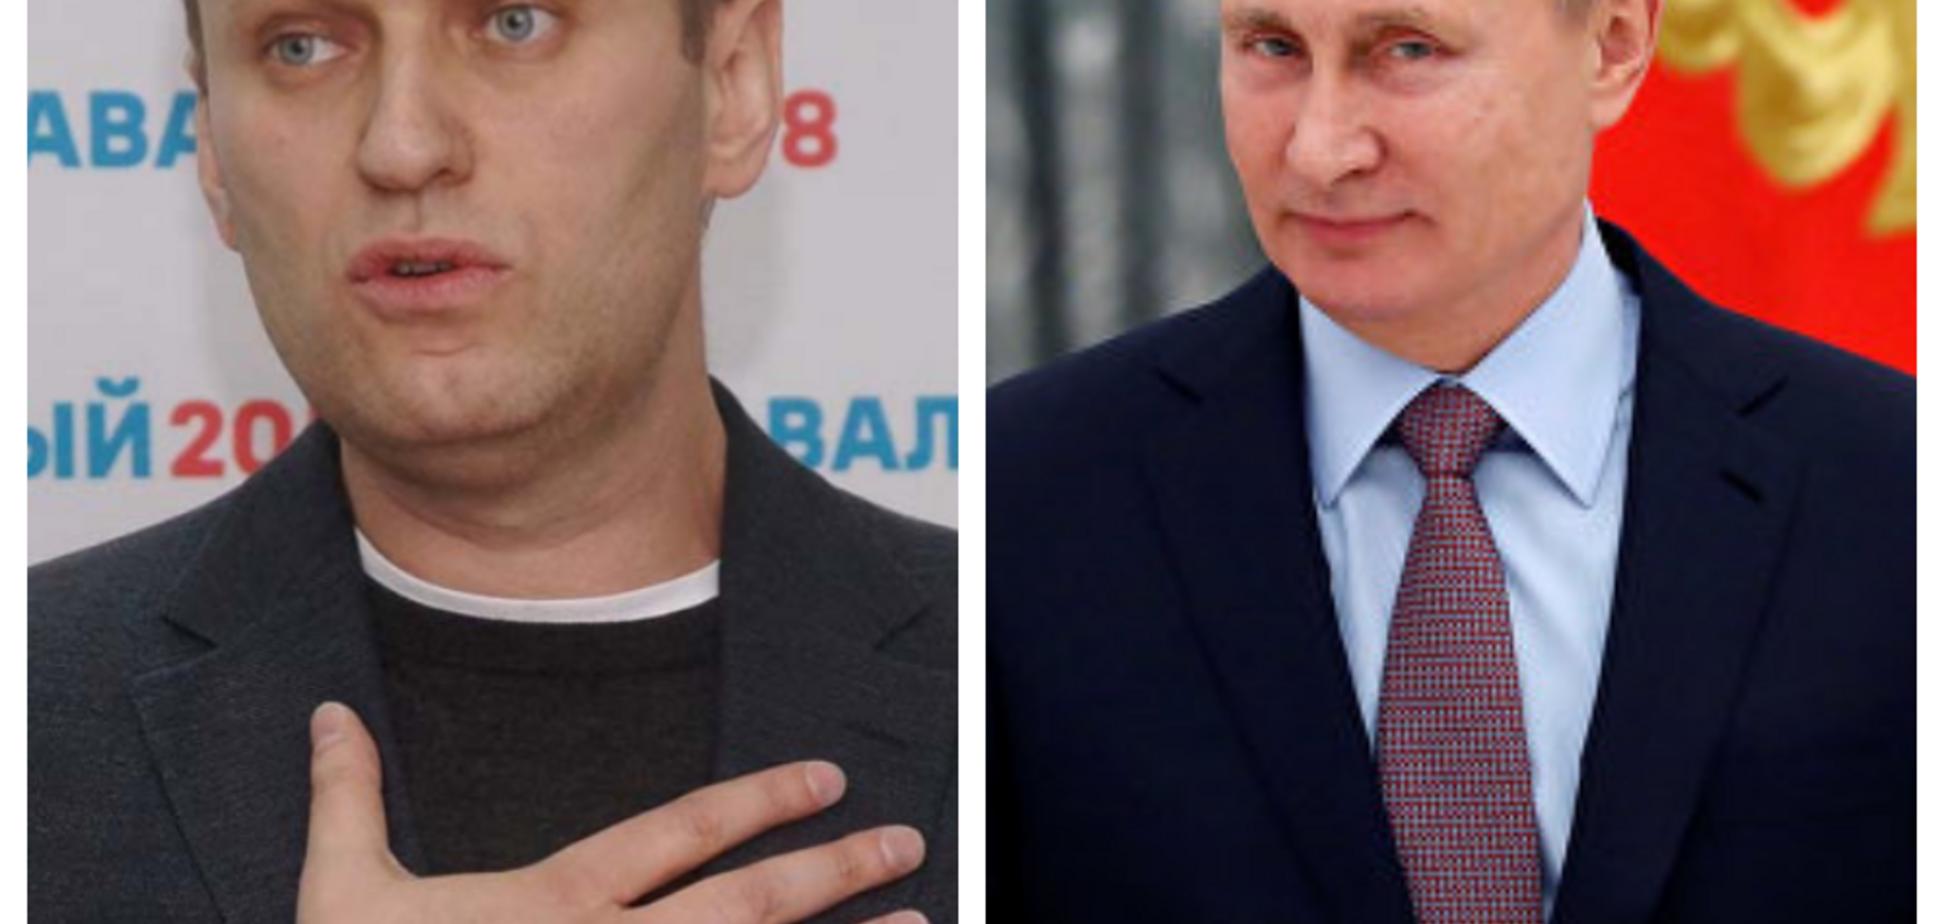 Алексей Навальный, Владимир Путин